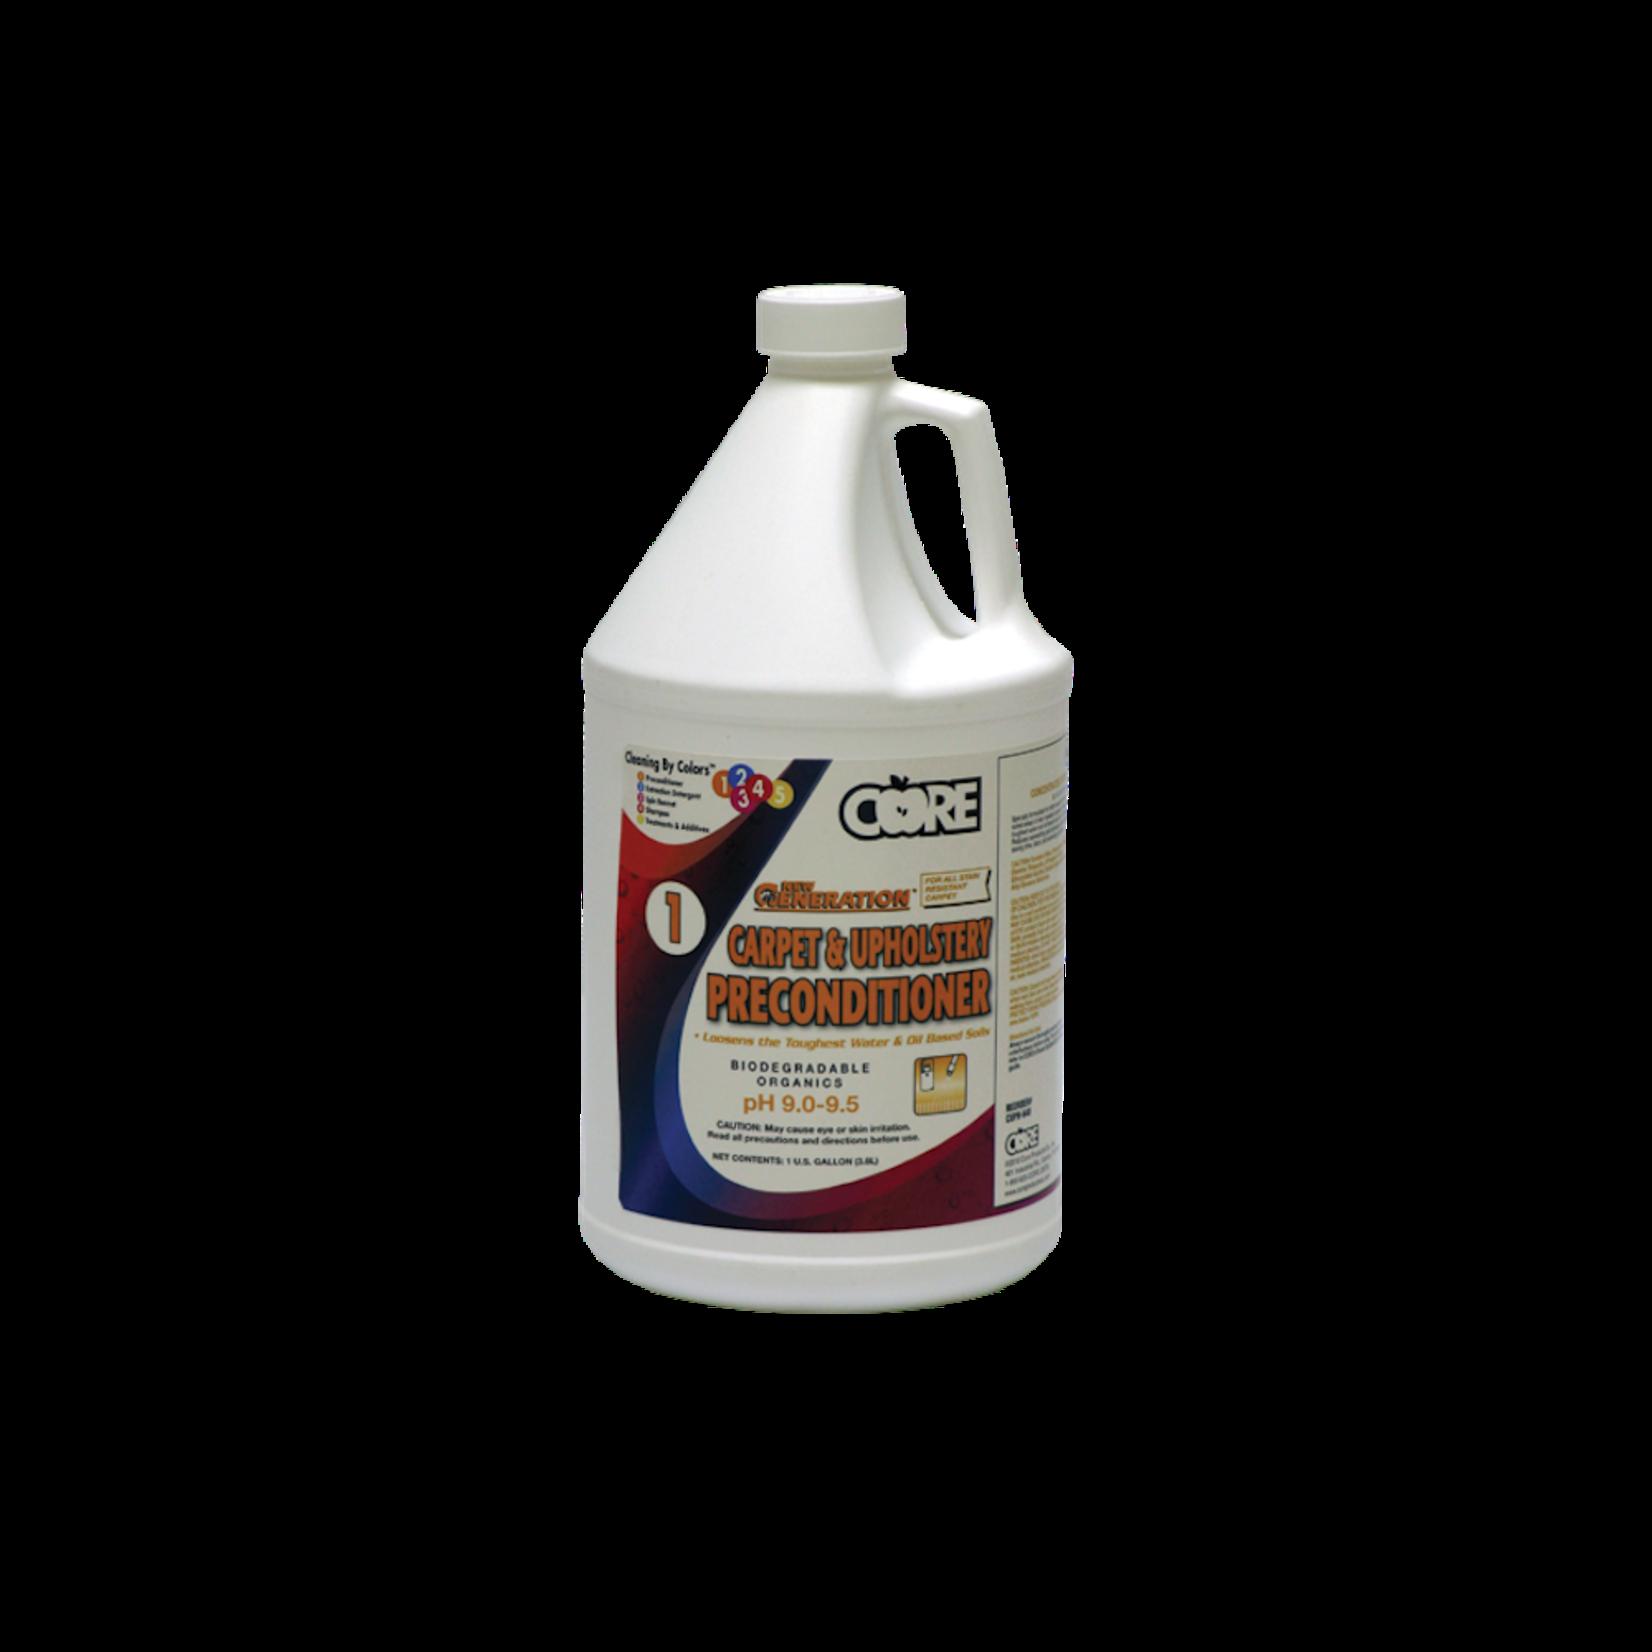 Core Products HEAVY DUTY CARPET PRECONDITIONER - GALLON